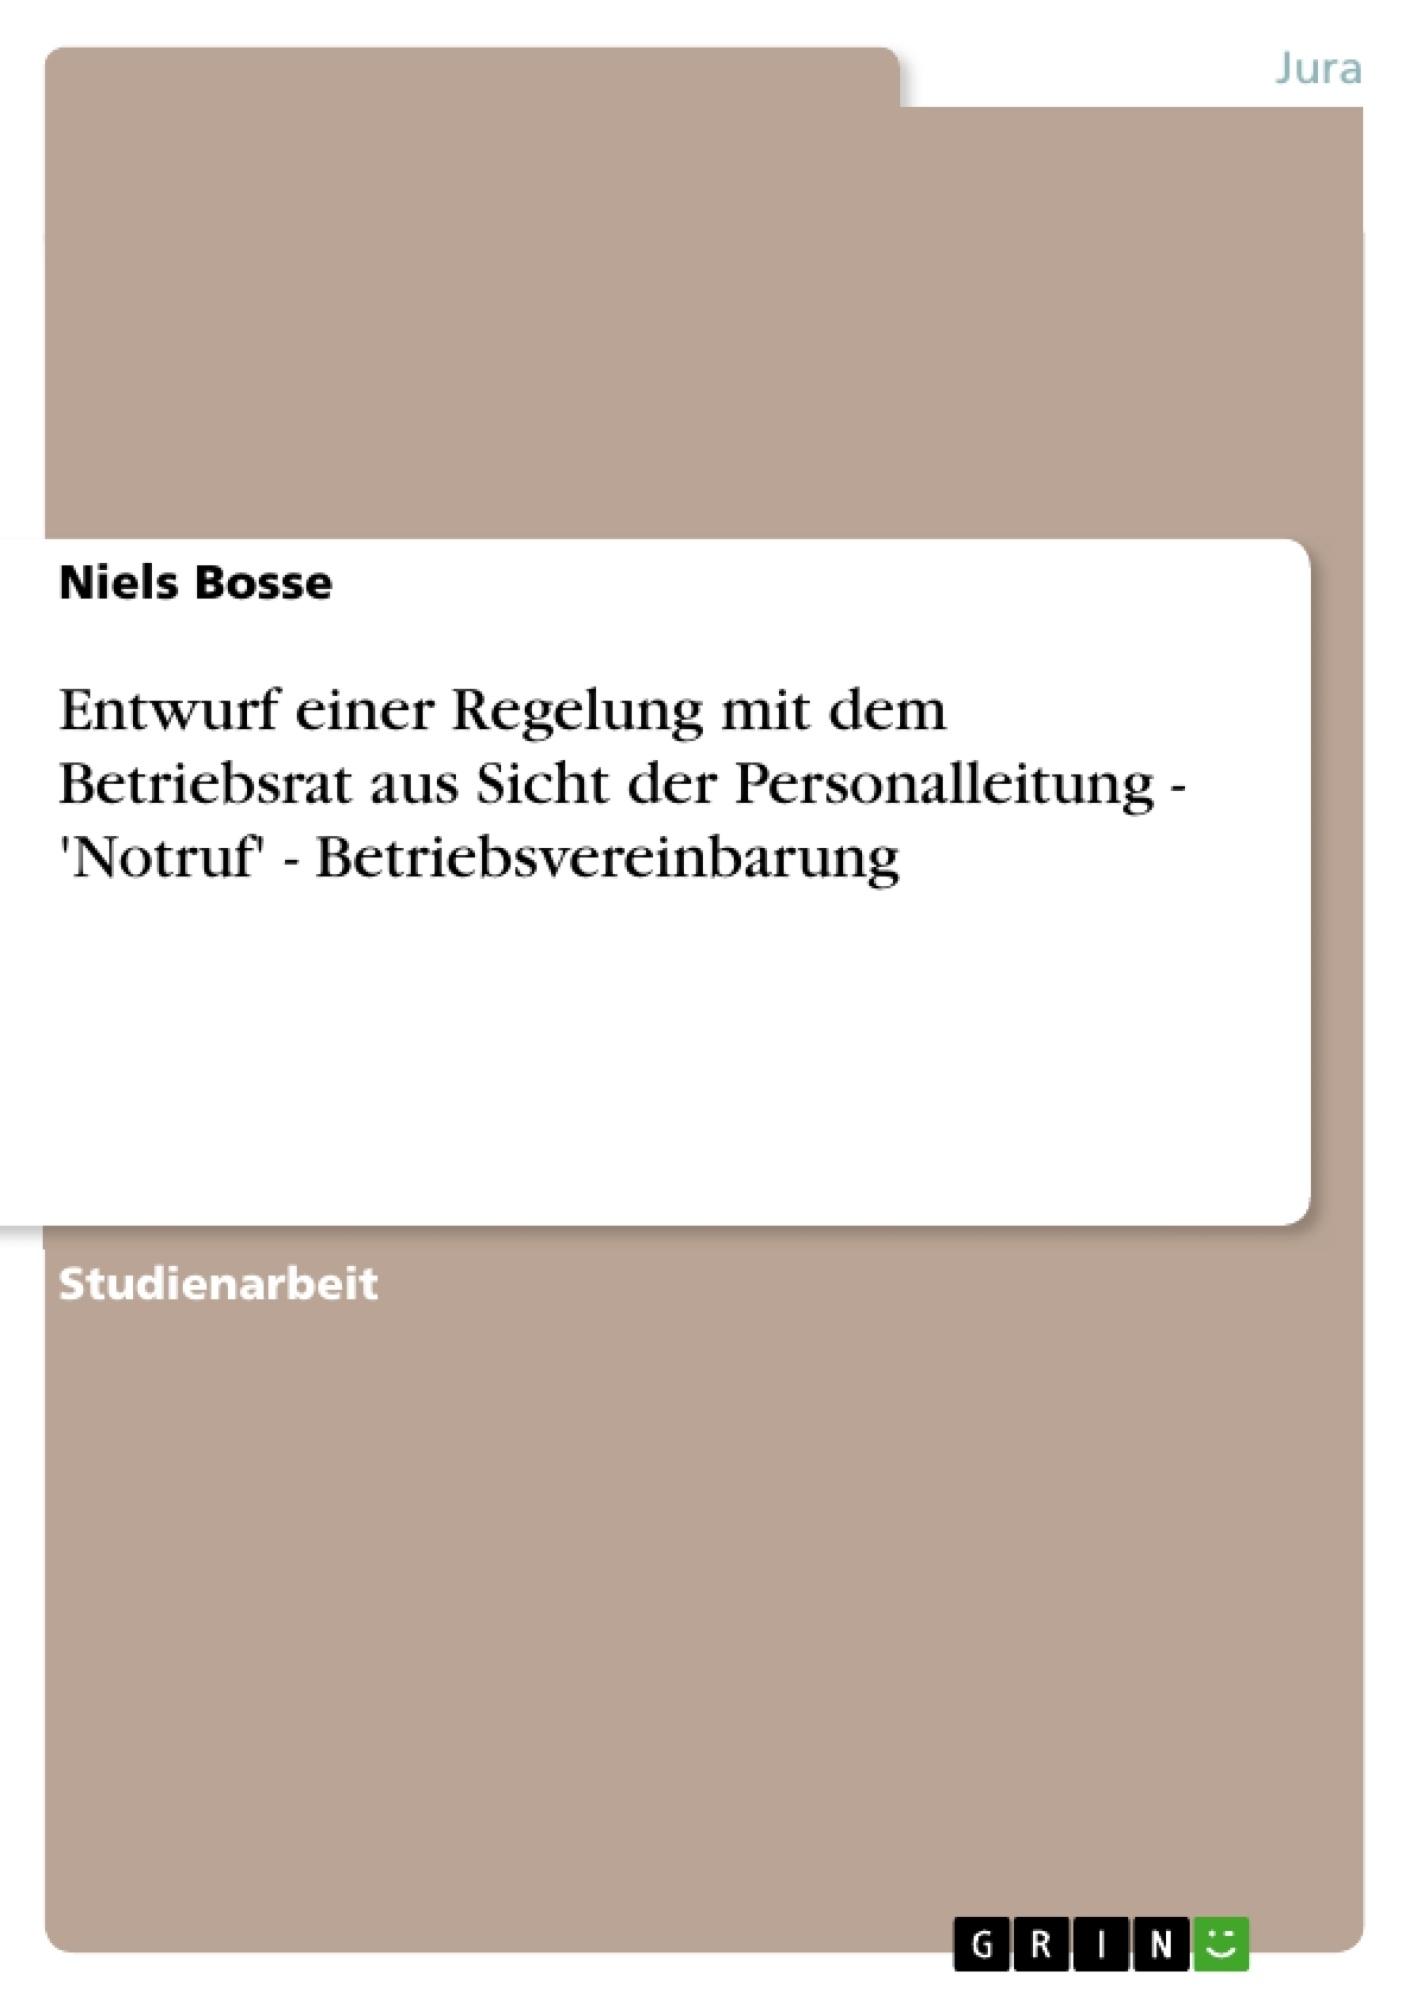 Titel: Entwurf einer Regelung mit dem Betriebsrat aus Sicht der Personalleitung - 'Notruf' - Betriebsvereinbarung